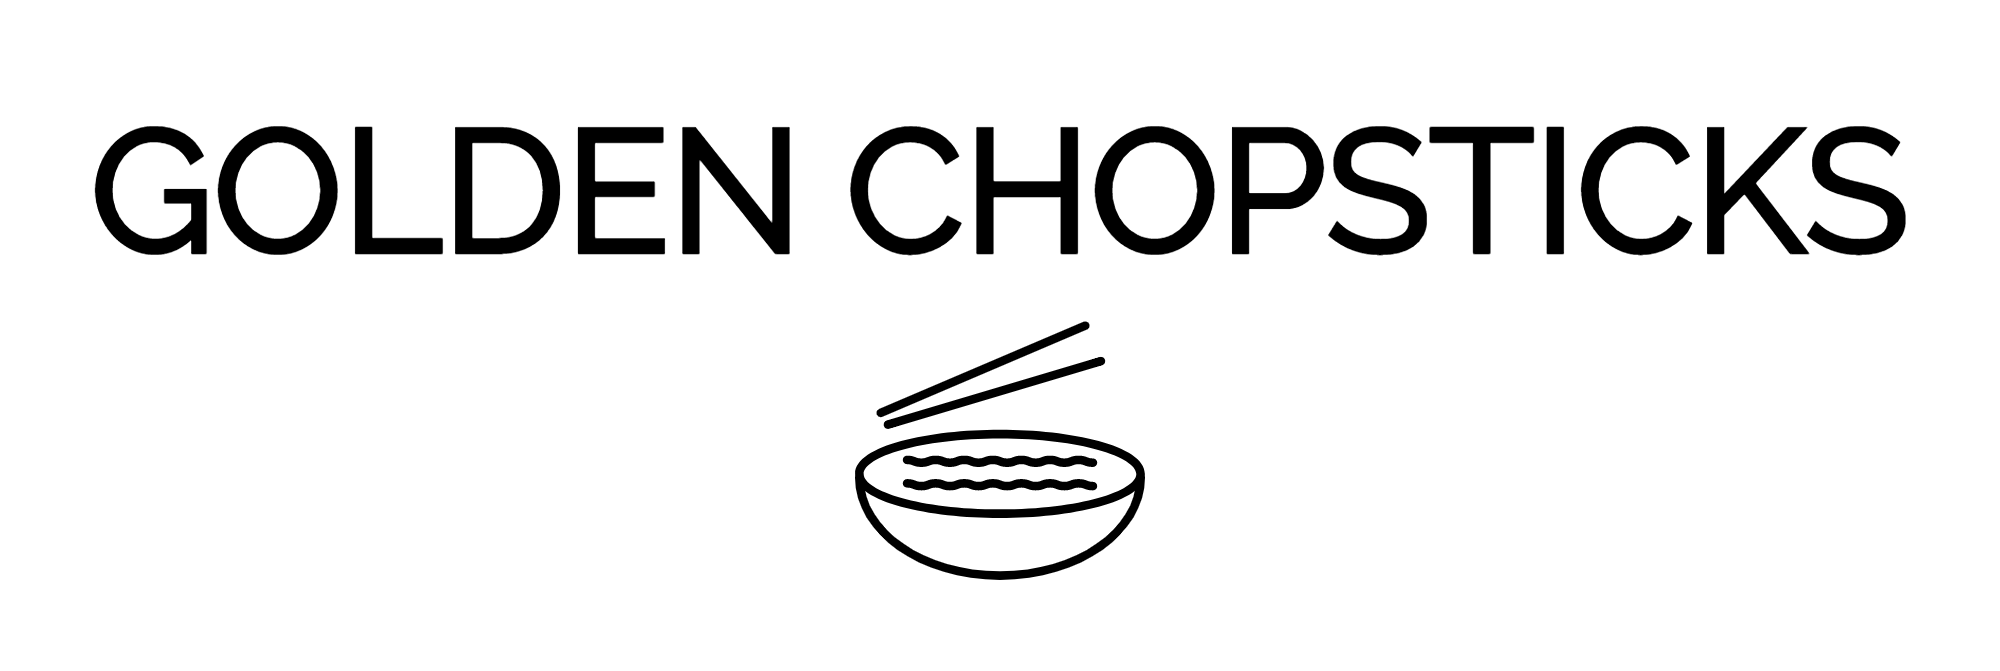 GOLDEN CHOPSTICKS-logo-black.png